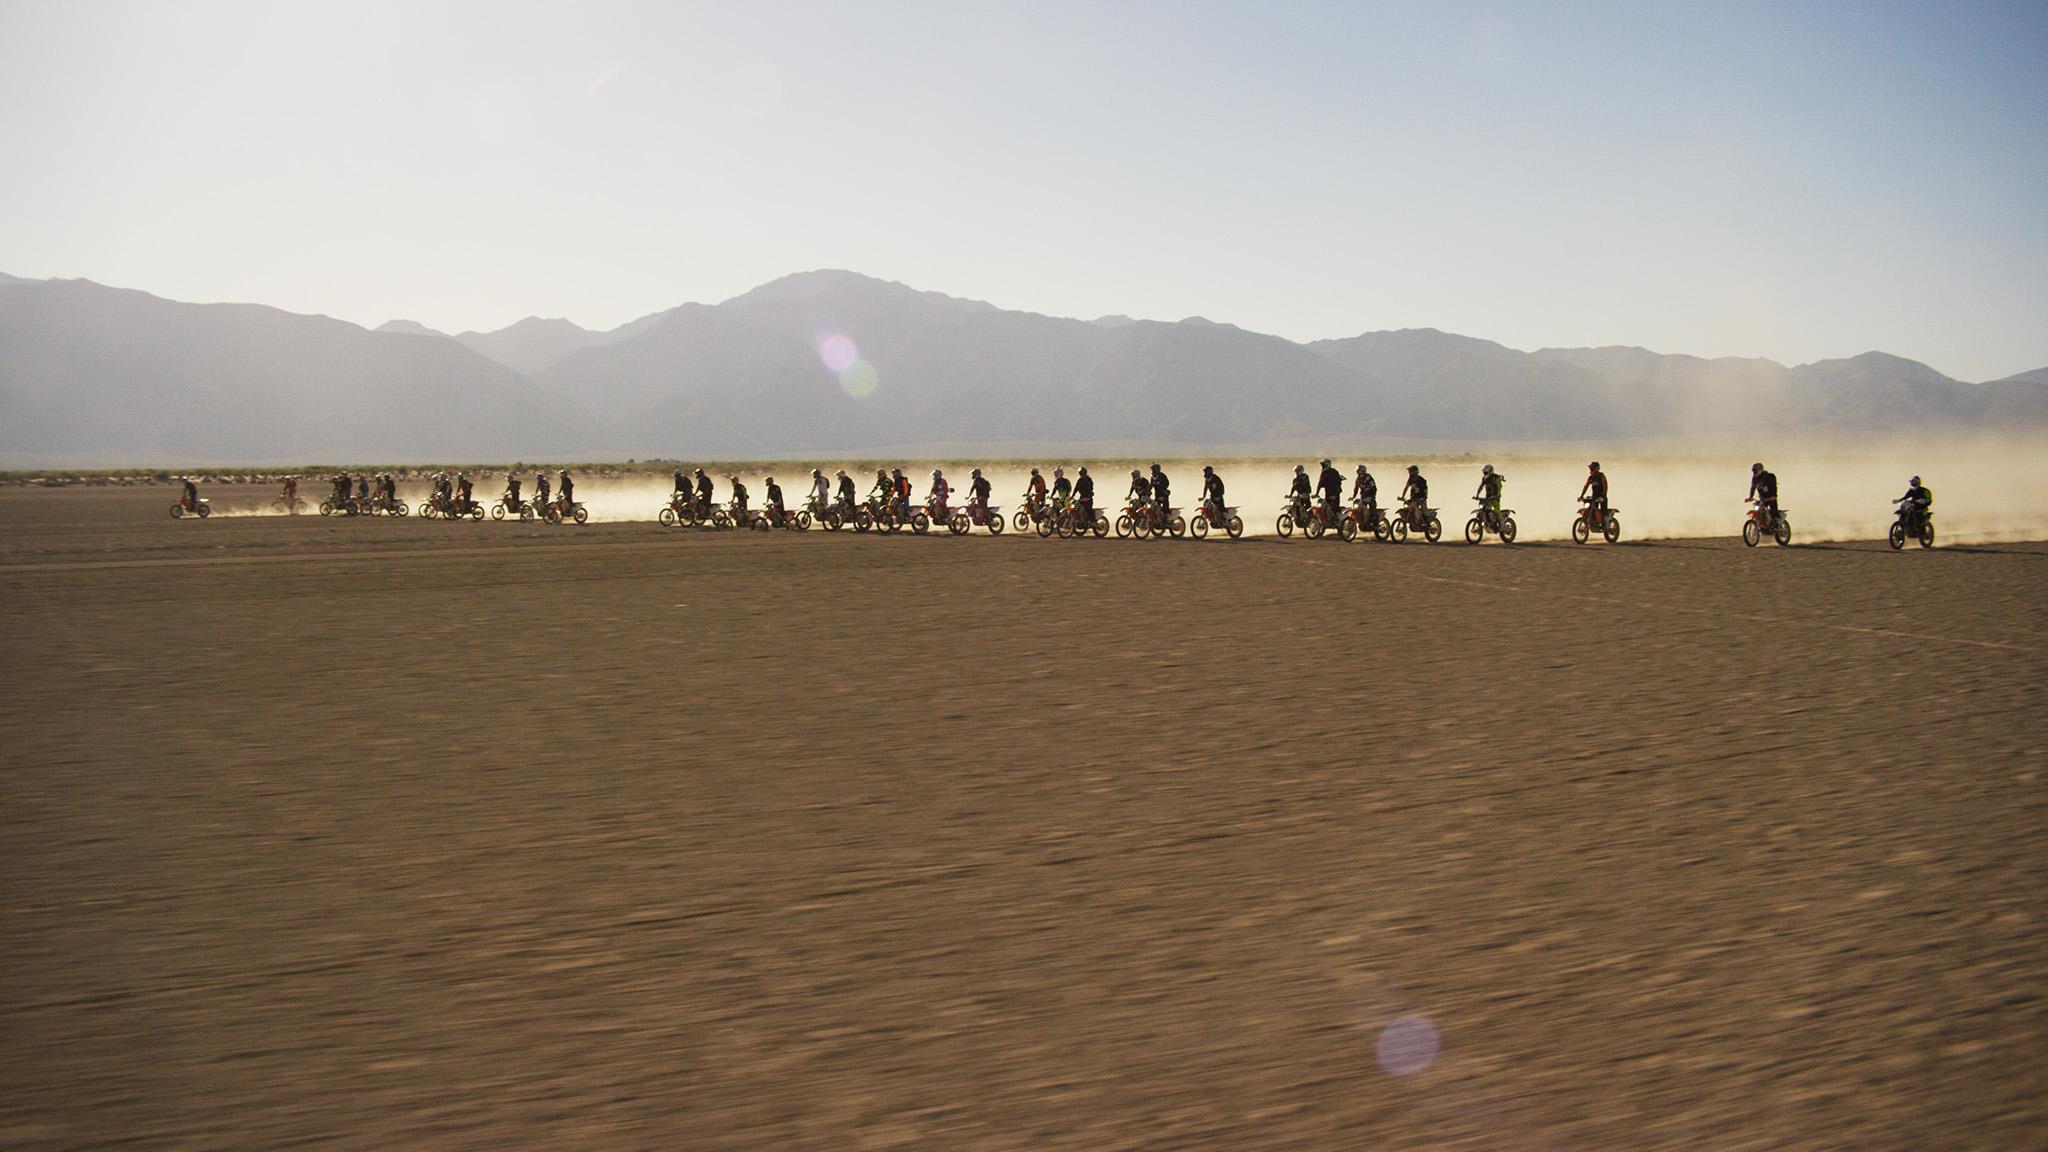 Hitting the open desert